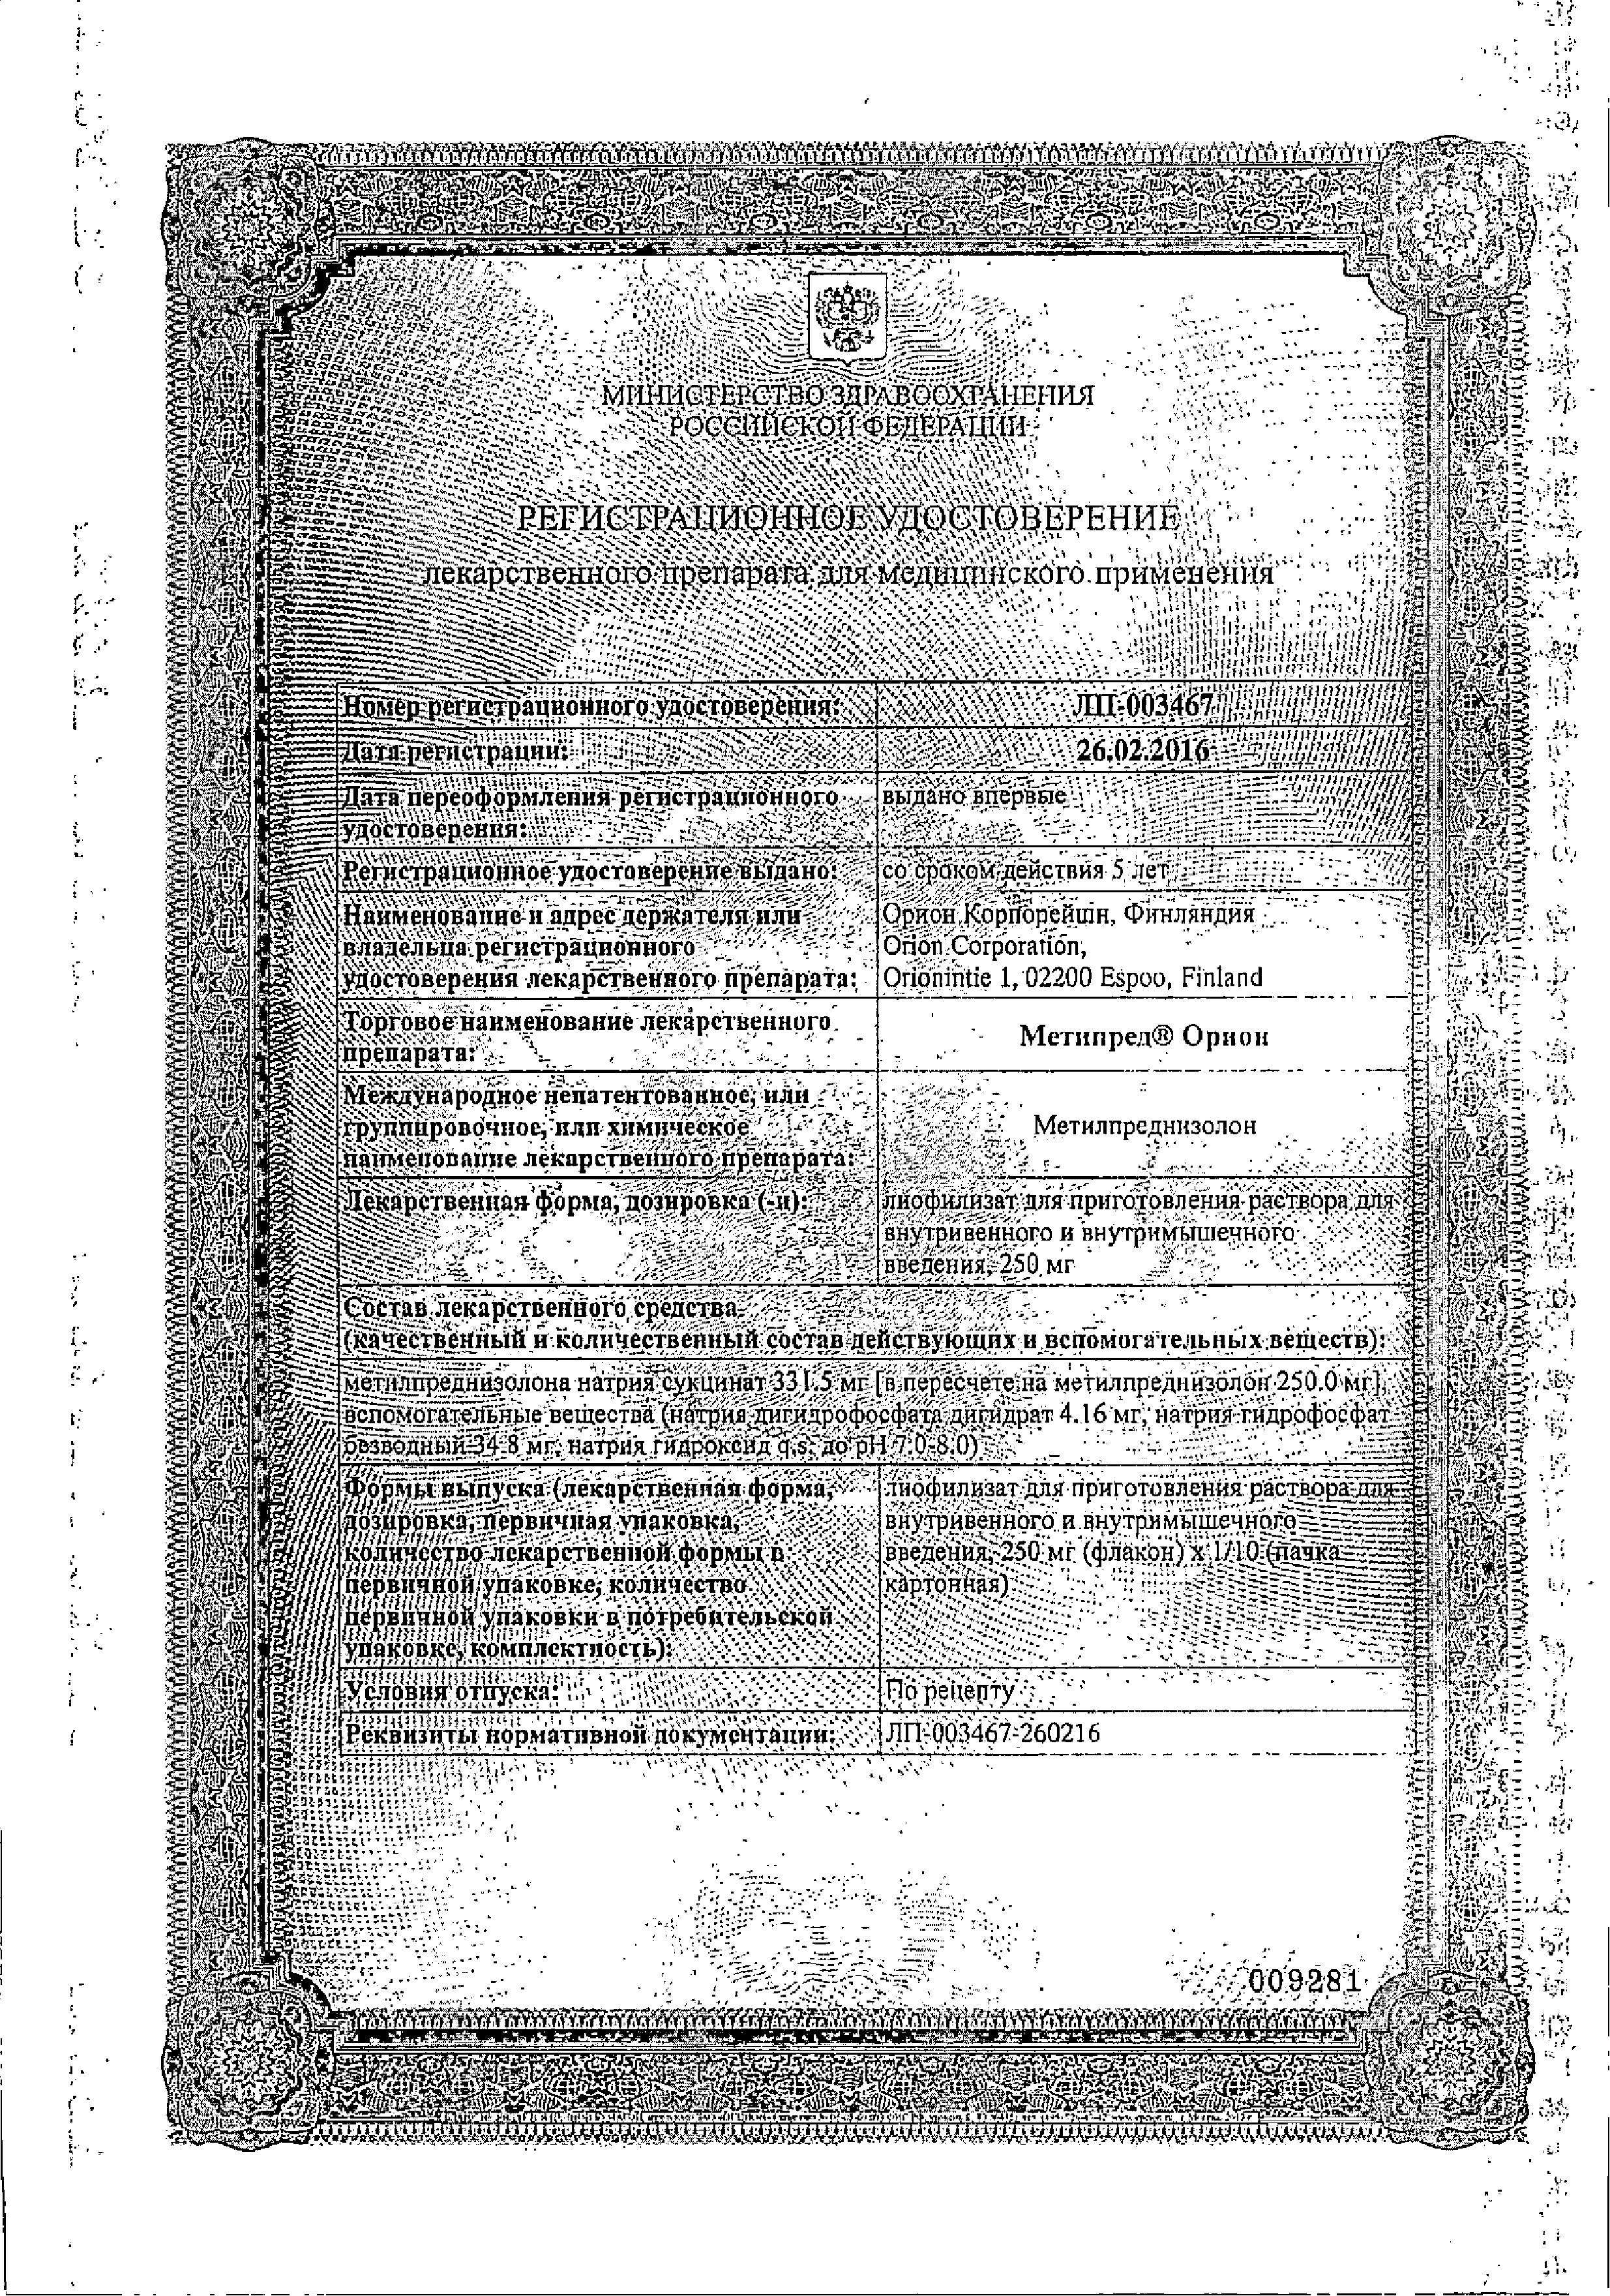 Метипред Орион сертификат